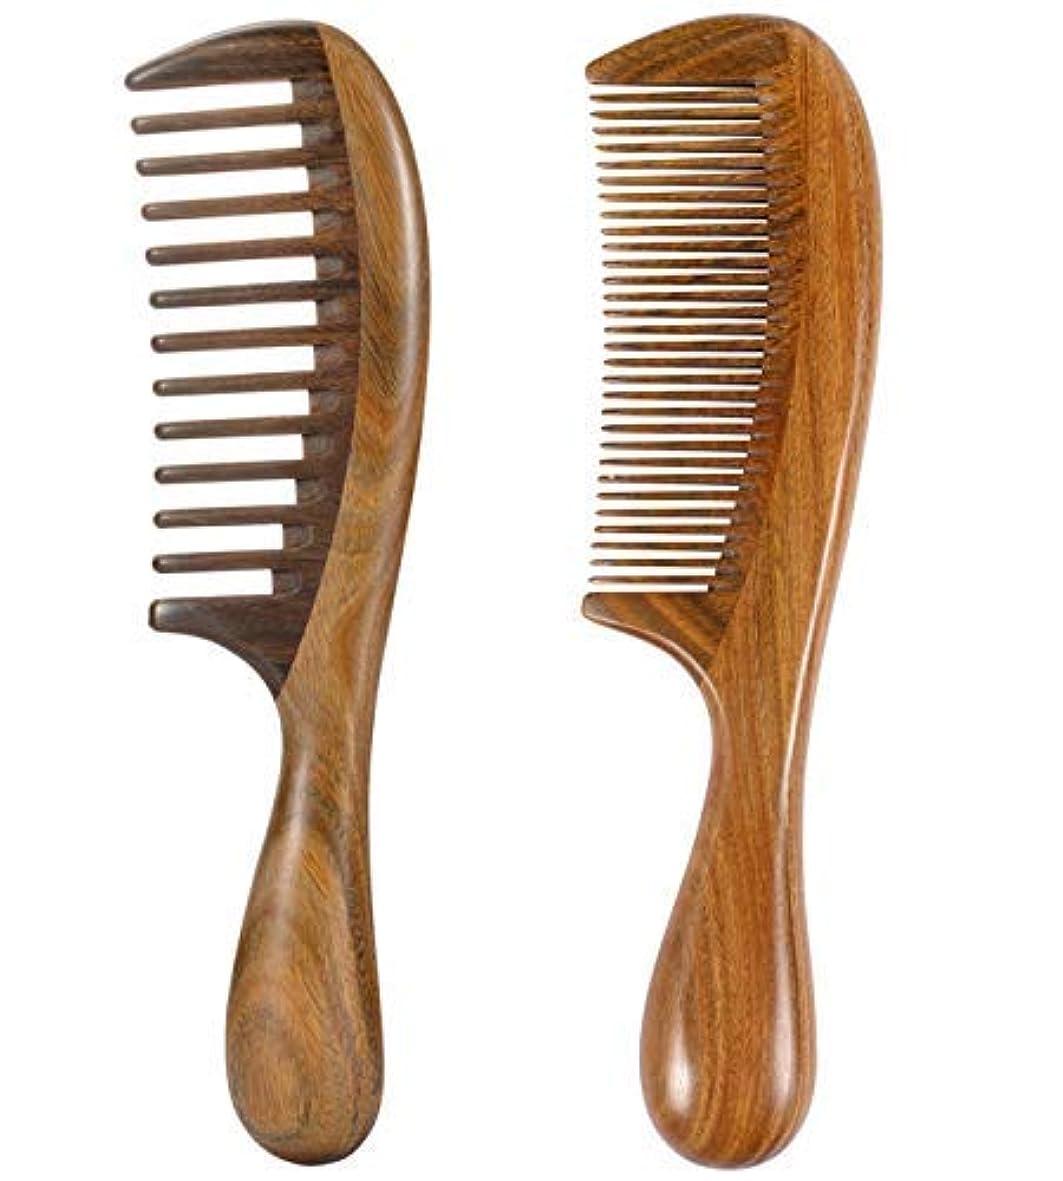 次へ隠された待つiPang 2pcs Wooden Hair Comb Wide Tooth Comb and Find Tooth Comb Detangling Sandalwood Comb [並行輸入品]